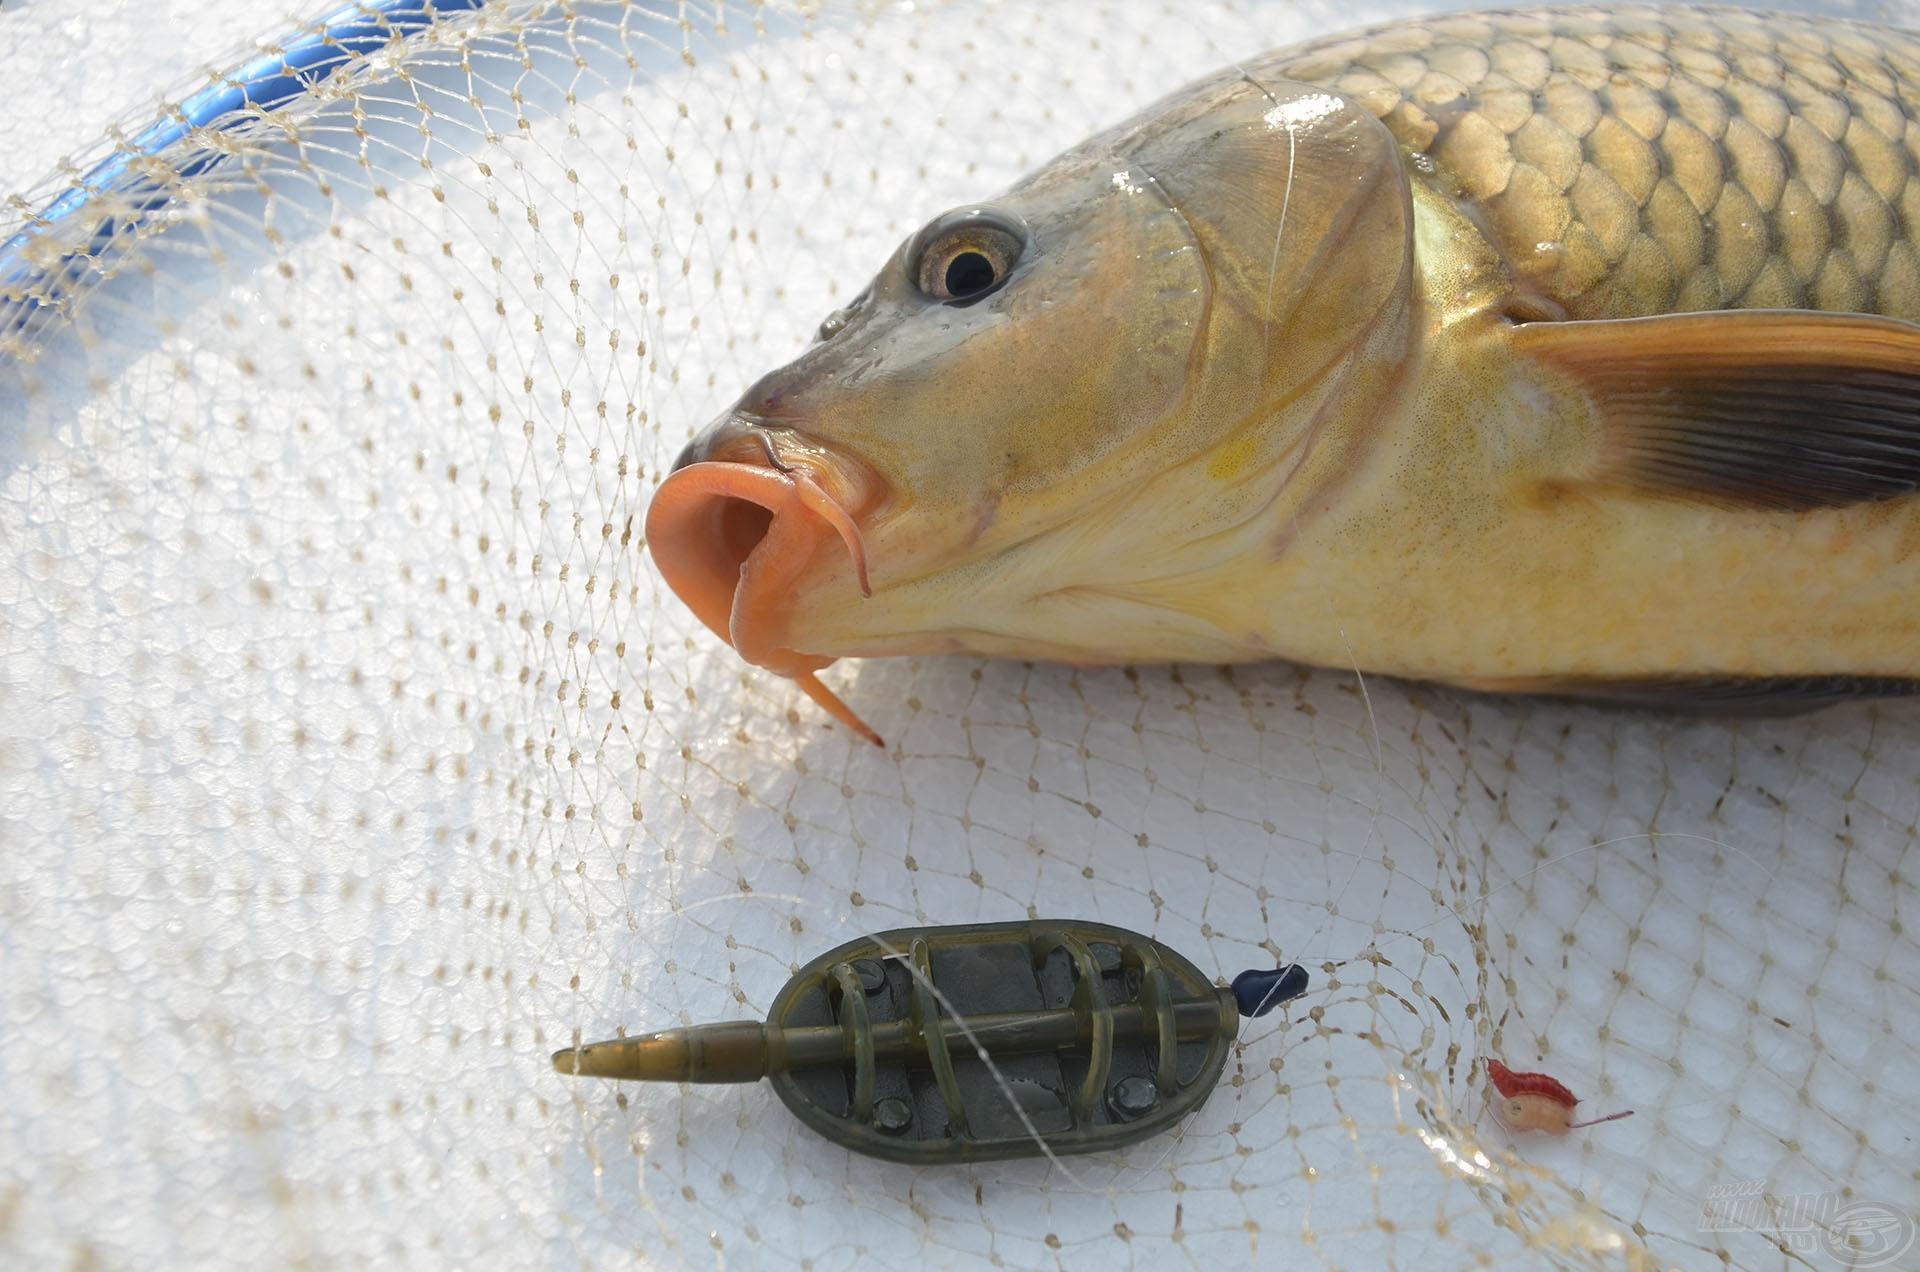 … miközben a method feeder végszerelékkel egyre több pontyot fogtam. Ezek után nem volt kérdés, hogy melyik kell a halaknak!